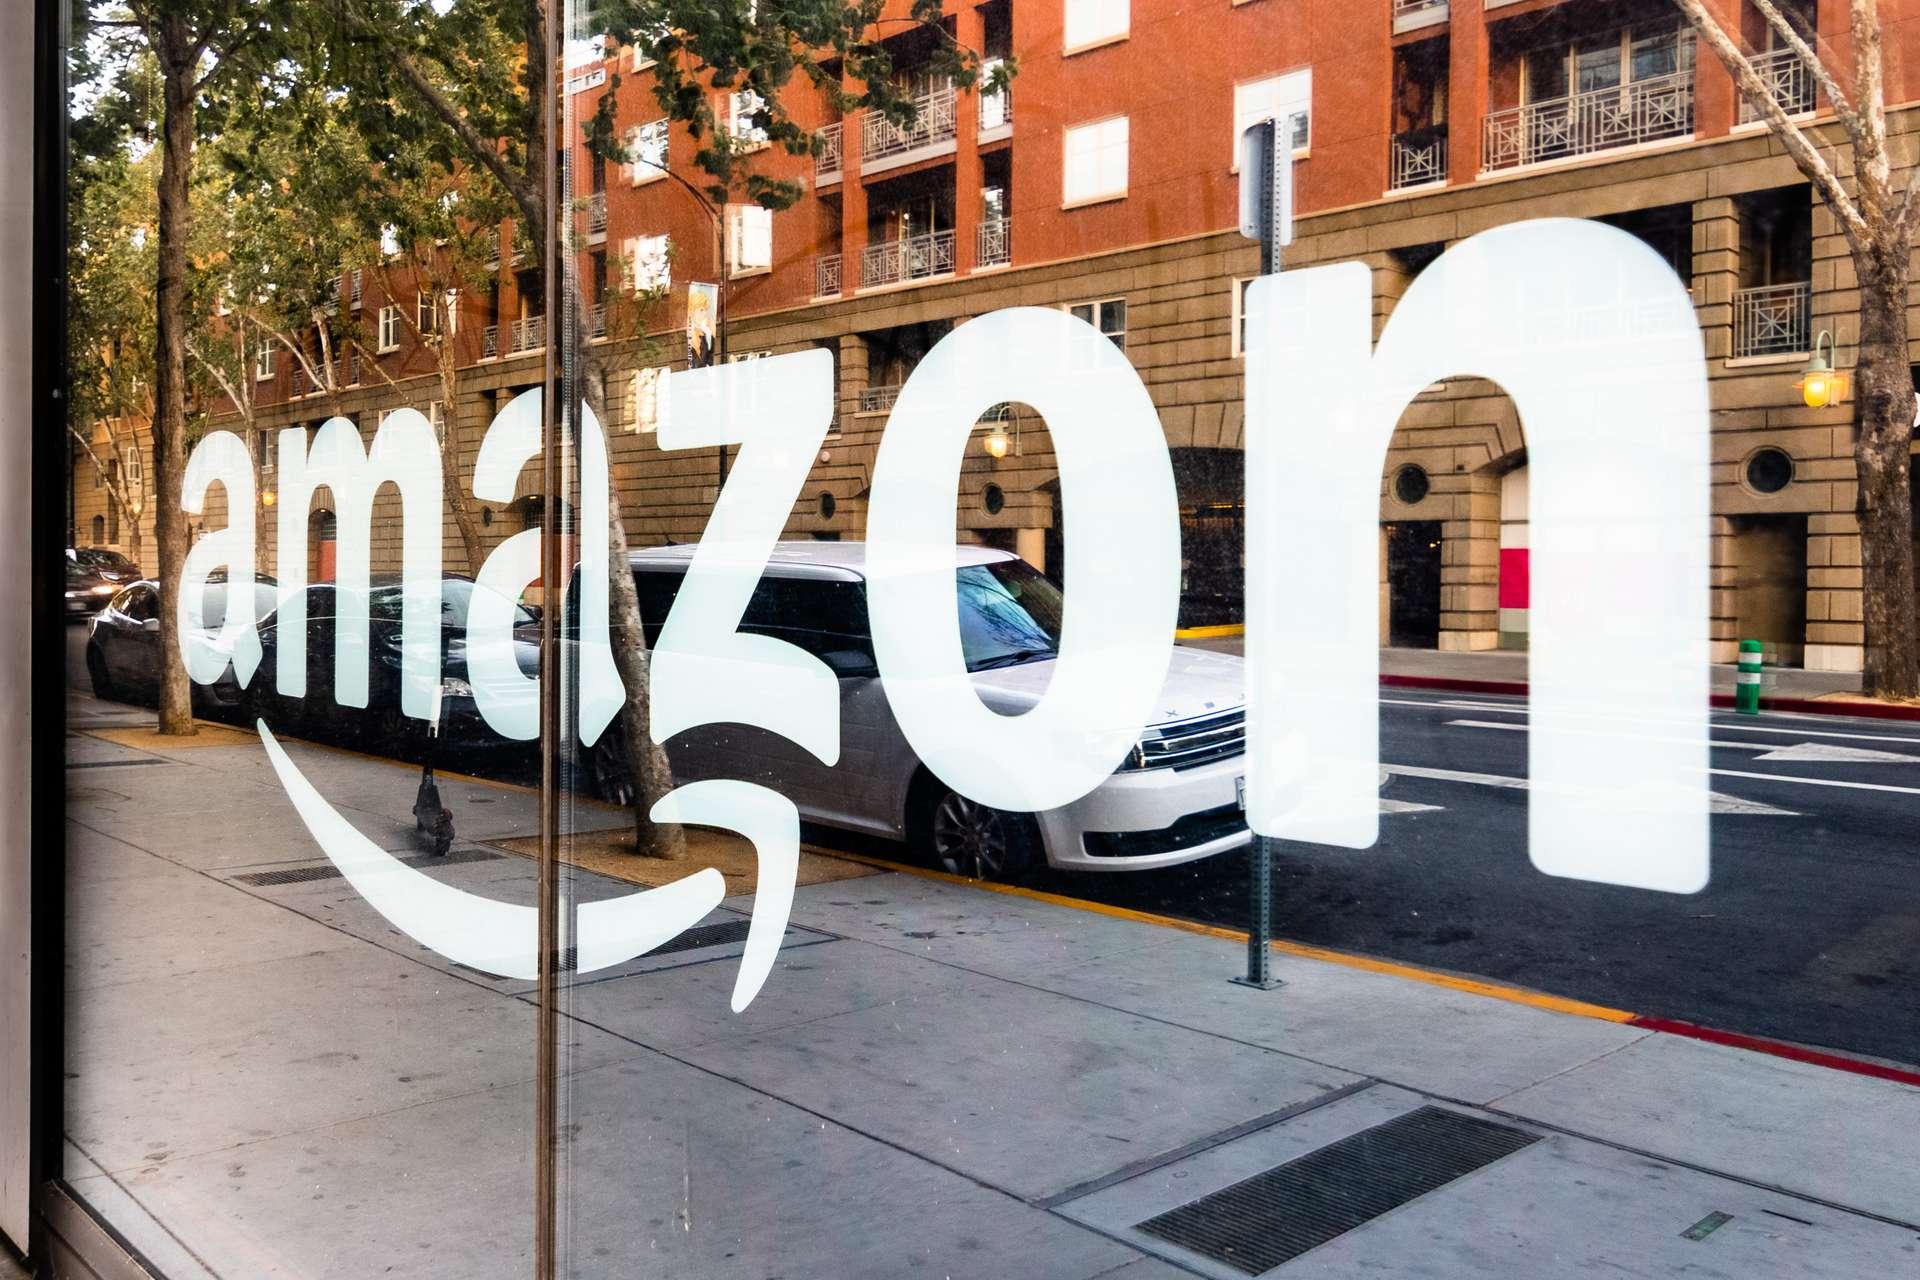 Découvrez l'offre HD d'Amazon et profitez de 90 jours d'essai gratuits © Sundry Photography, Adobe Stock